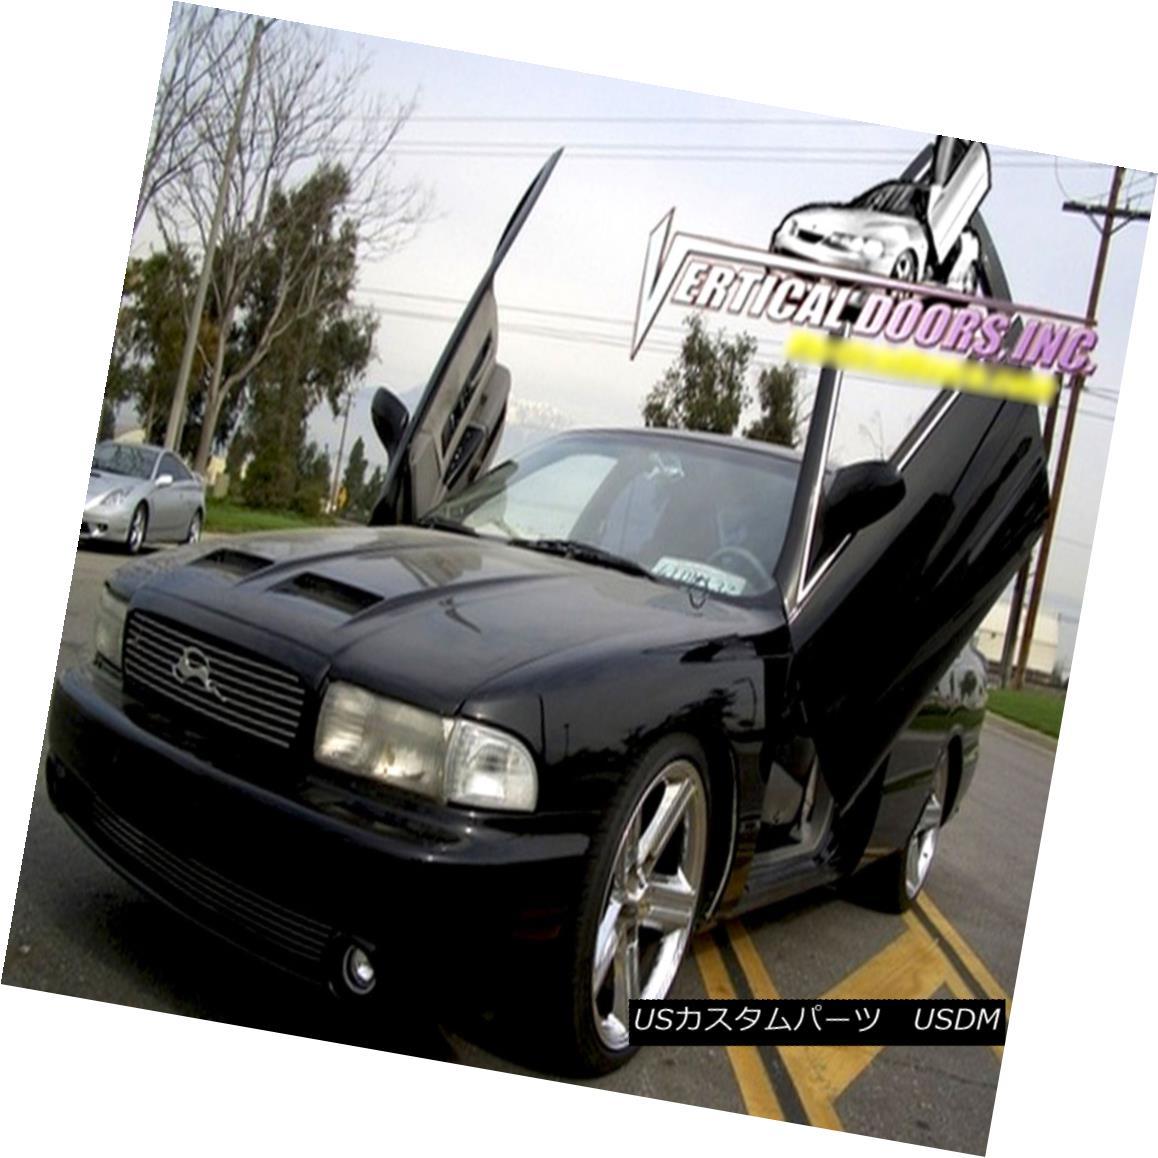 ガルウィングキット Chevy Caprice 91-96 Lambo Kit Vertical Doors Inc 92 93+ シェビーカプリス91-96ランボルキット垂直ドアーズ社92 93+